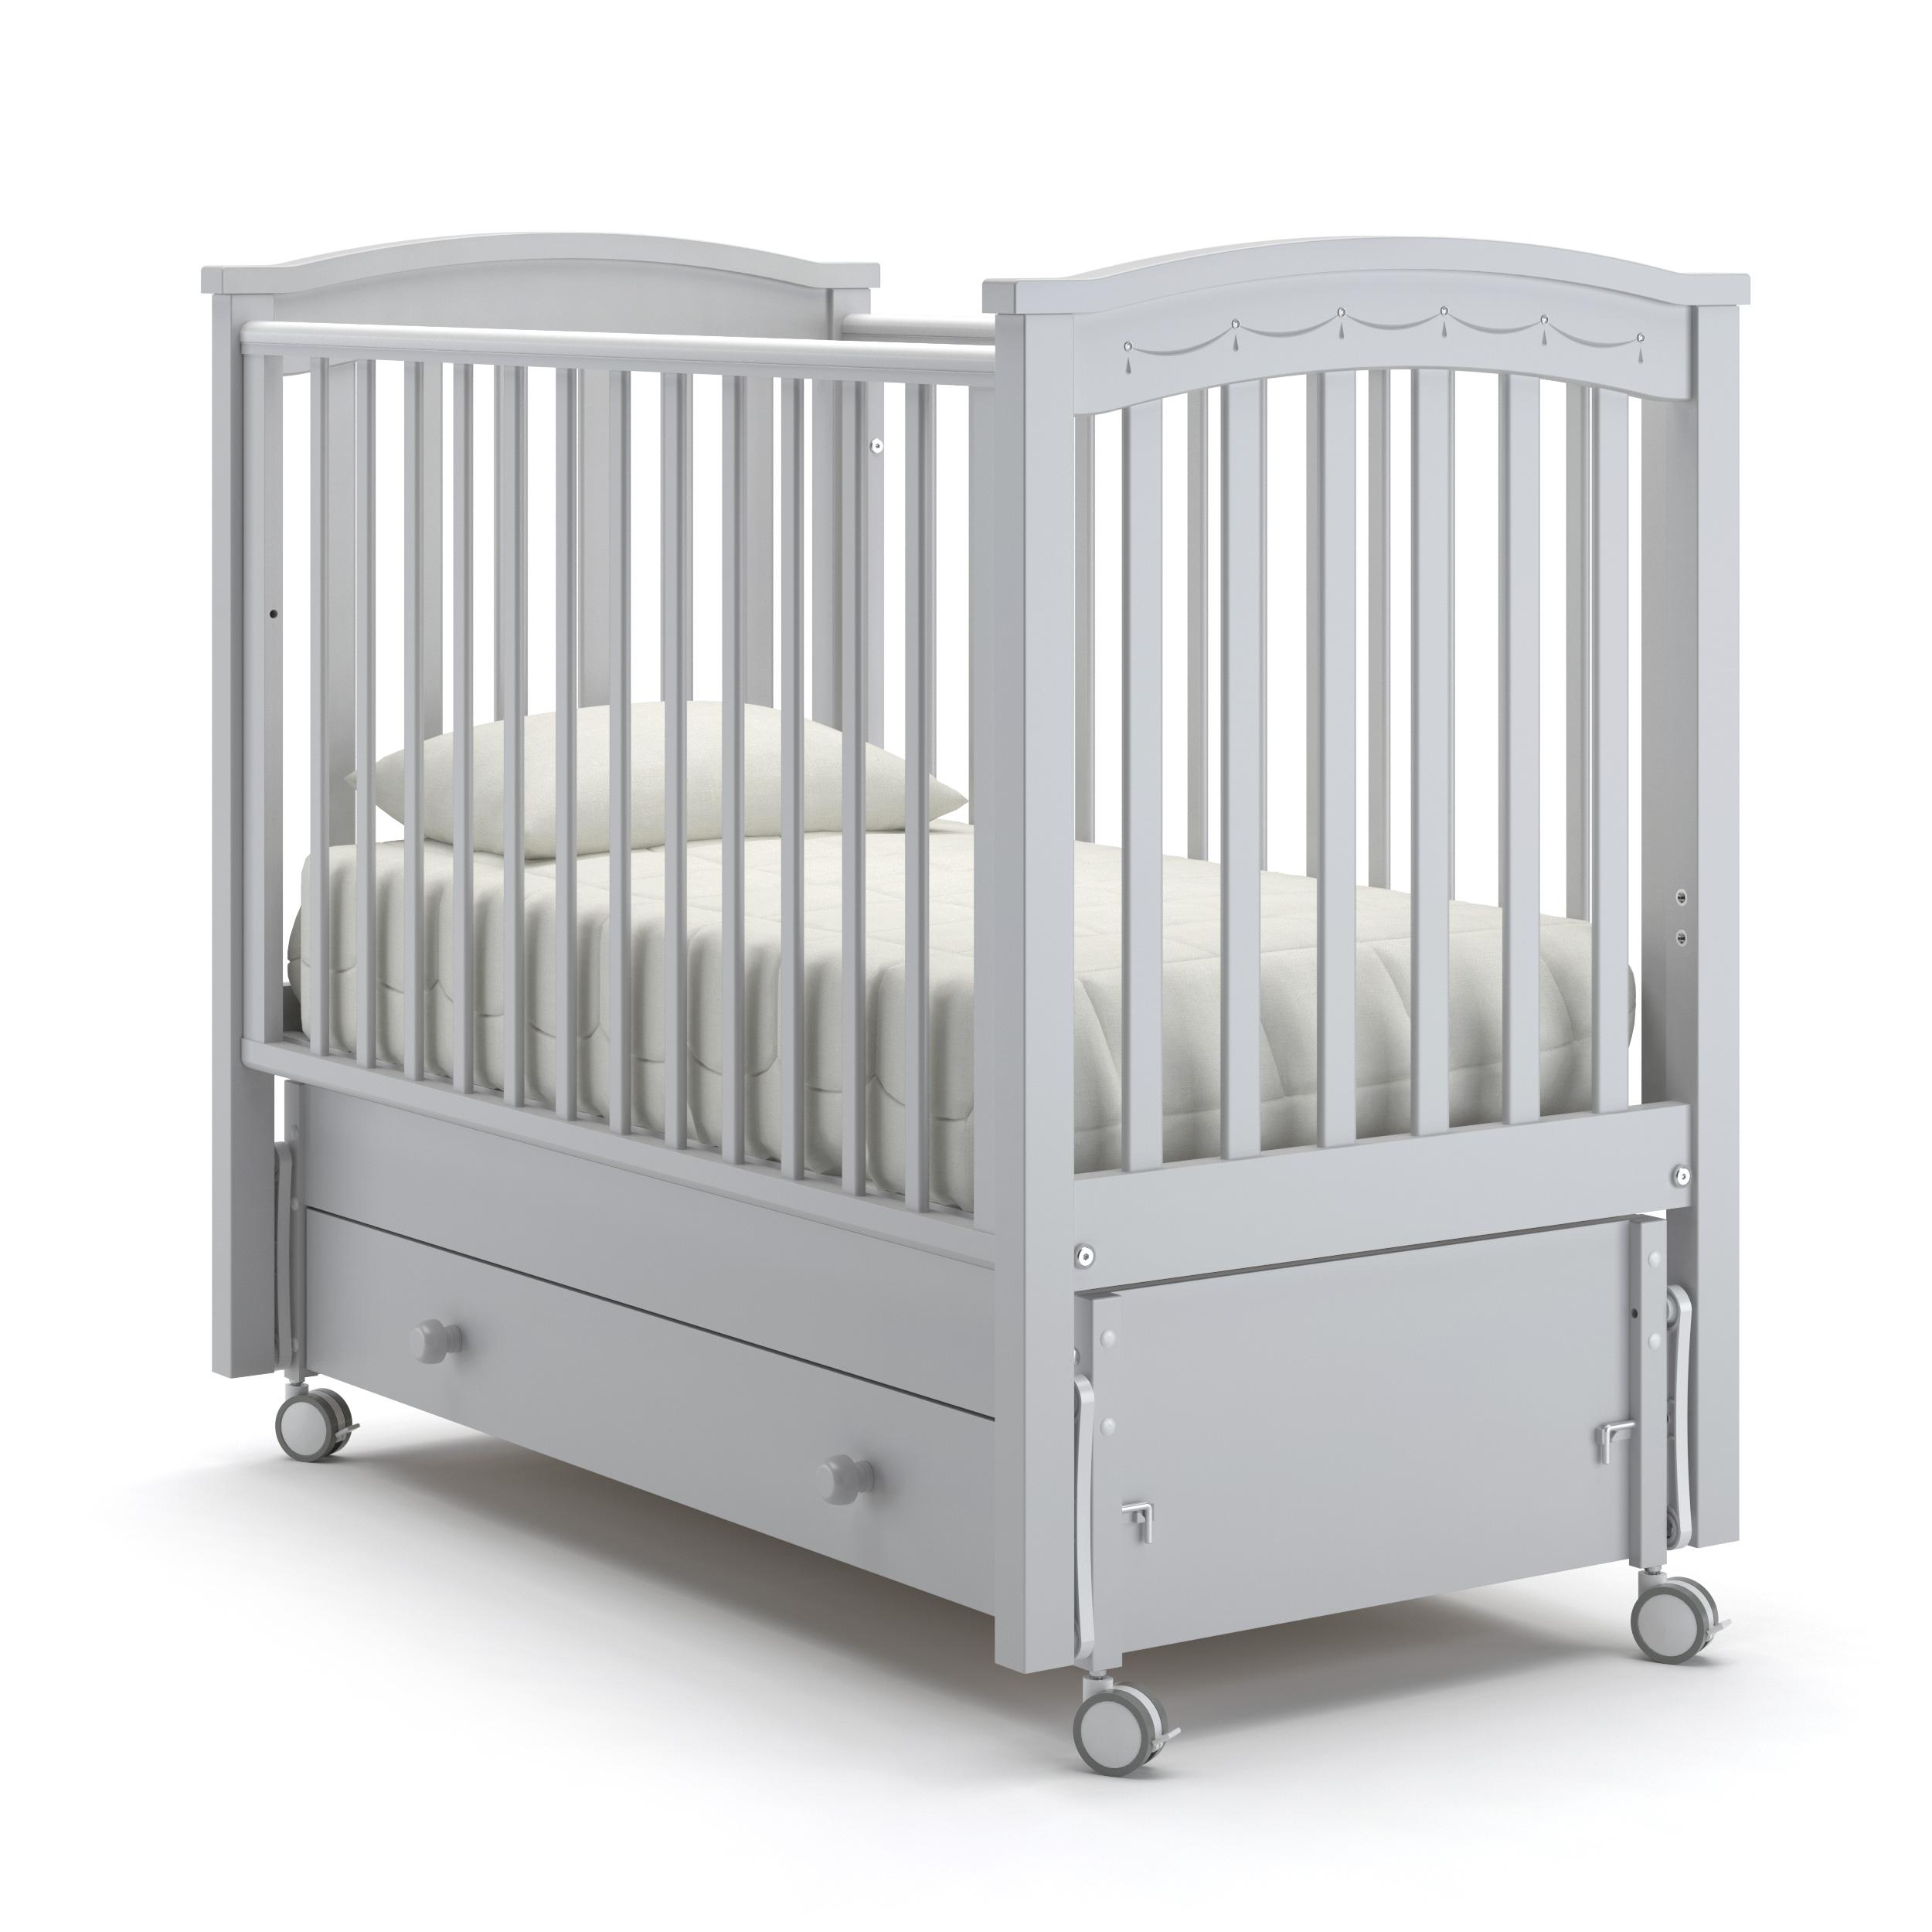 Купить Детская кровать Nuovita Perla solo swing продольный, цвет - Bianco/Белый